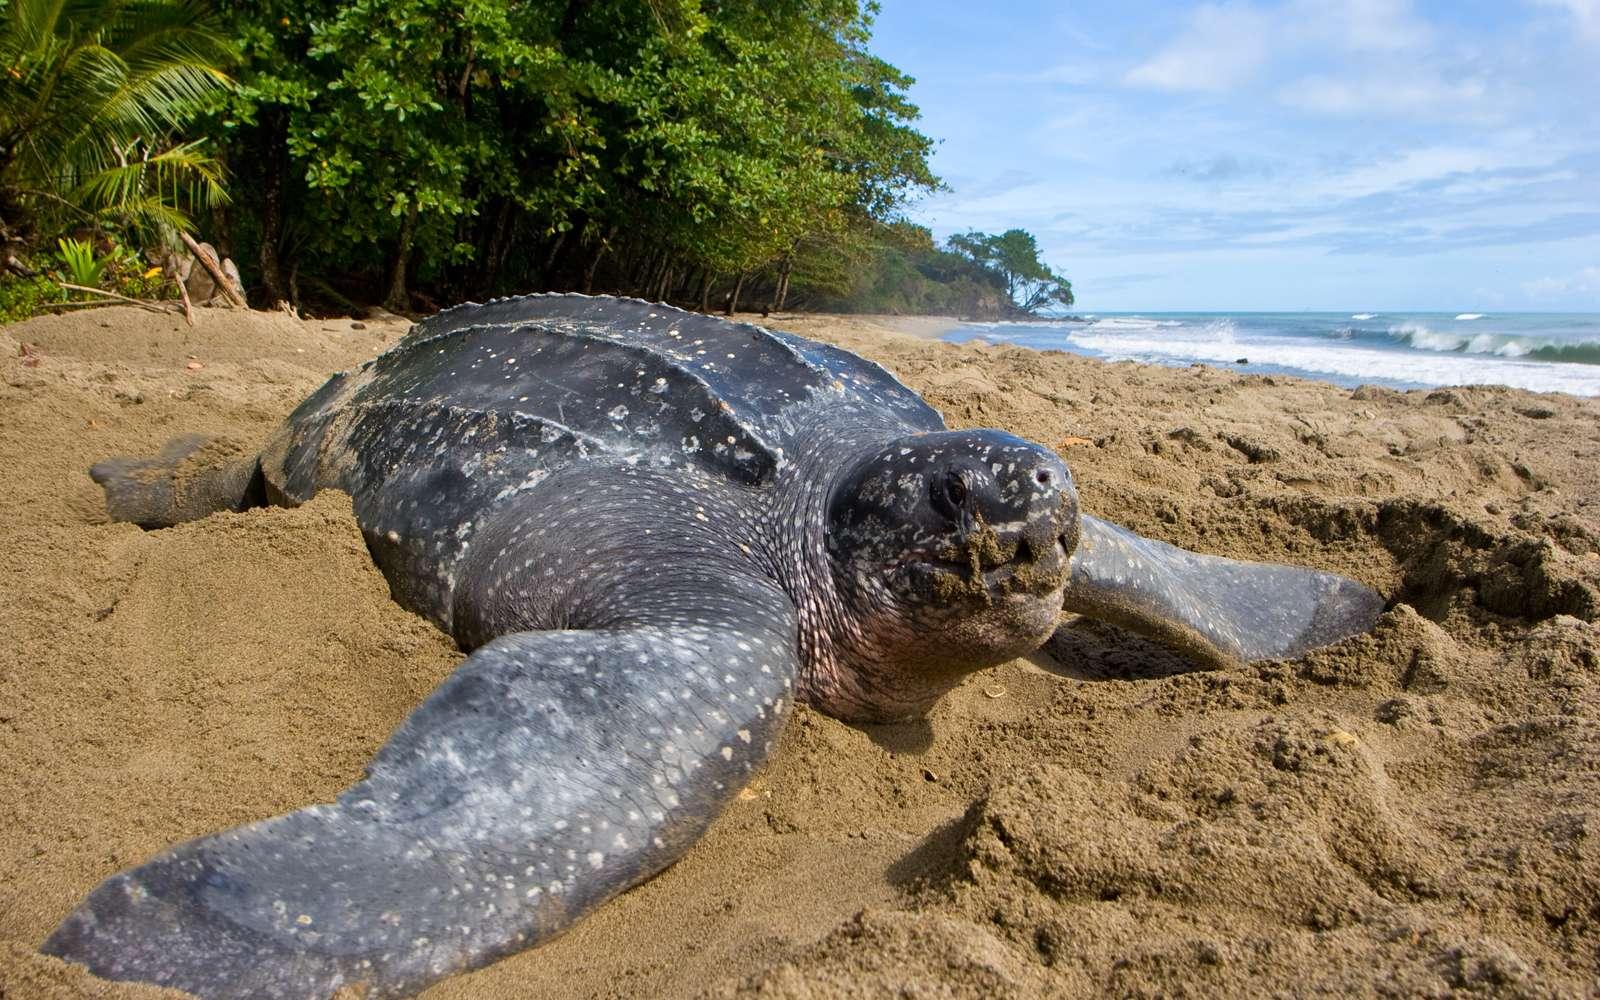 La tortue luth (Dermochelys coriacea) a le statut d'espèce en danger critique sur la liste de l'UICN. Sur l'un des principaux sites de nidification de la tortue luth, le nombre de nids a décliné de 90 % en 27 ans. © Brian J. Hutchinson